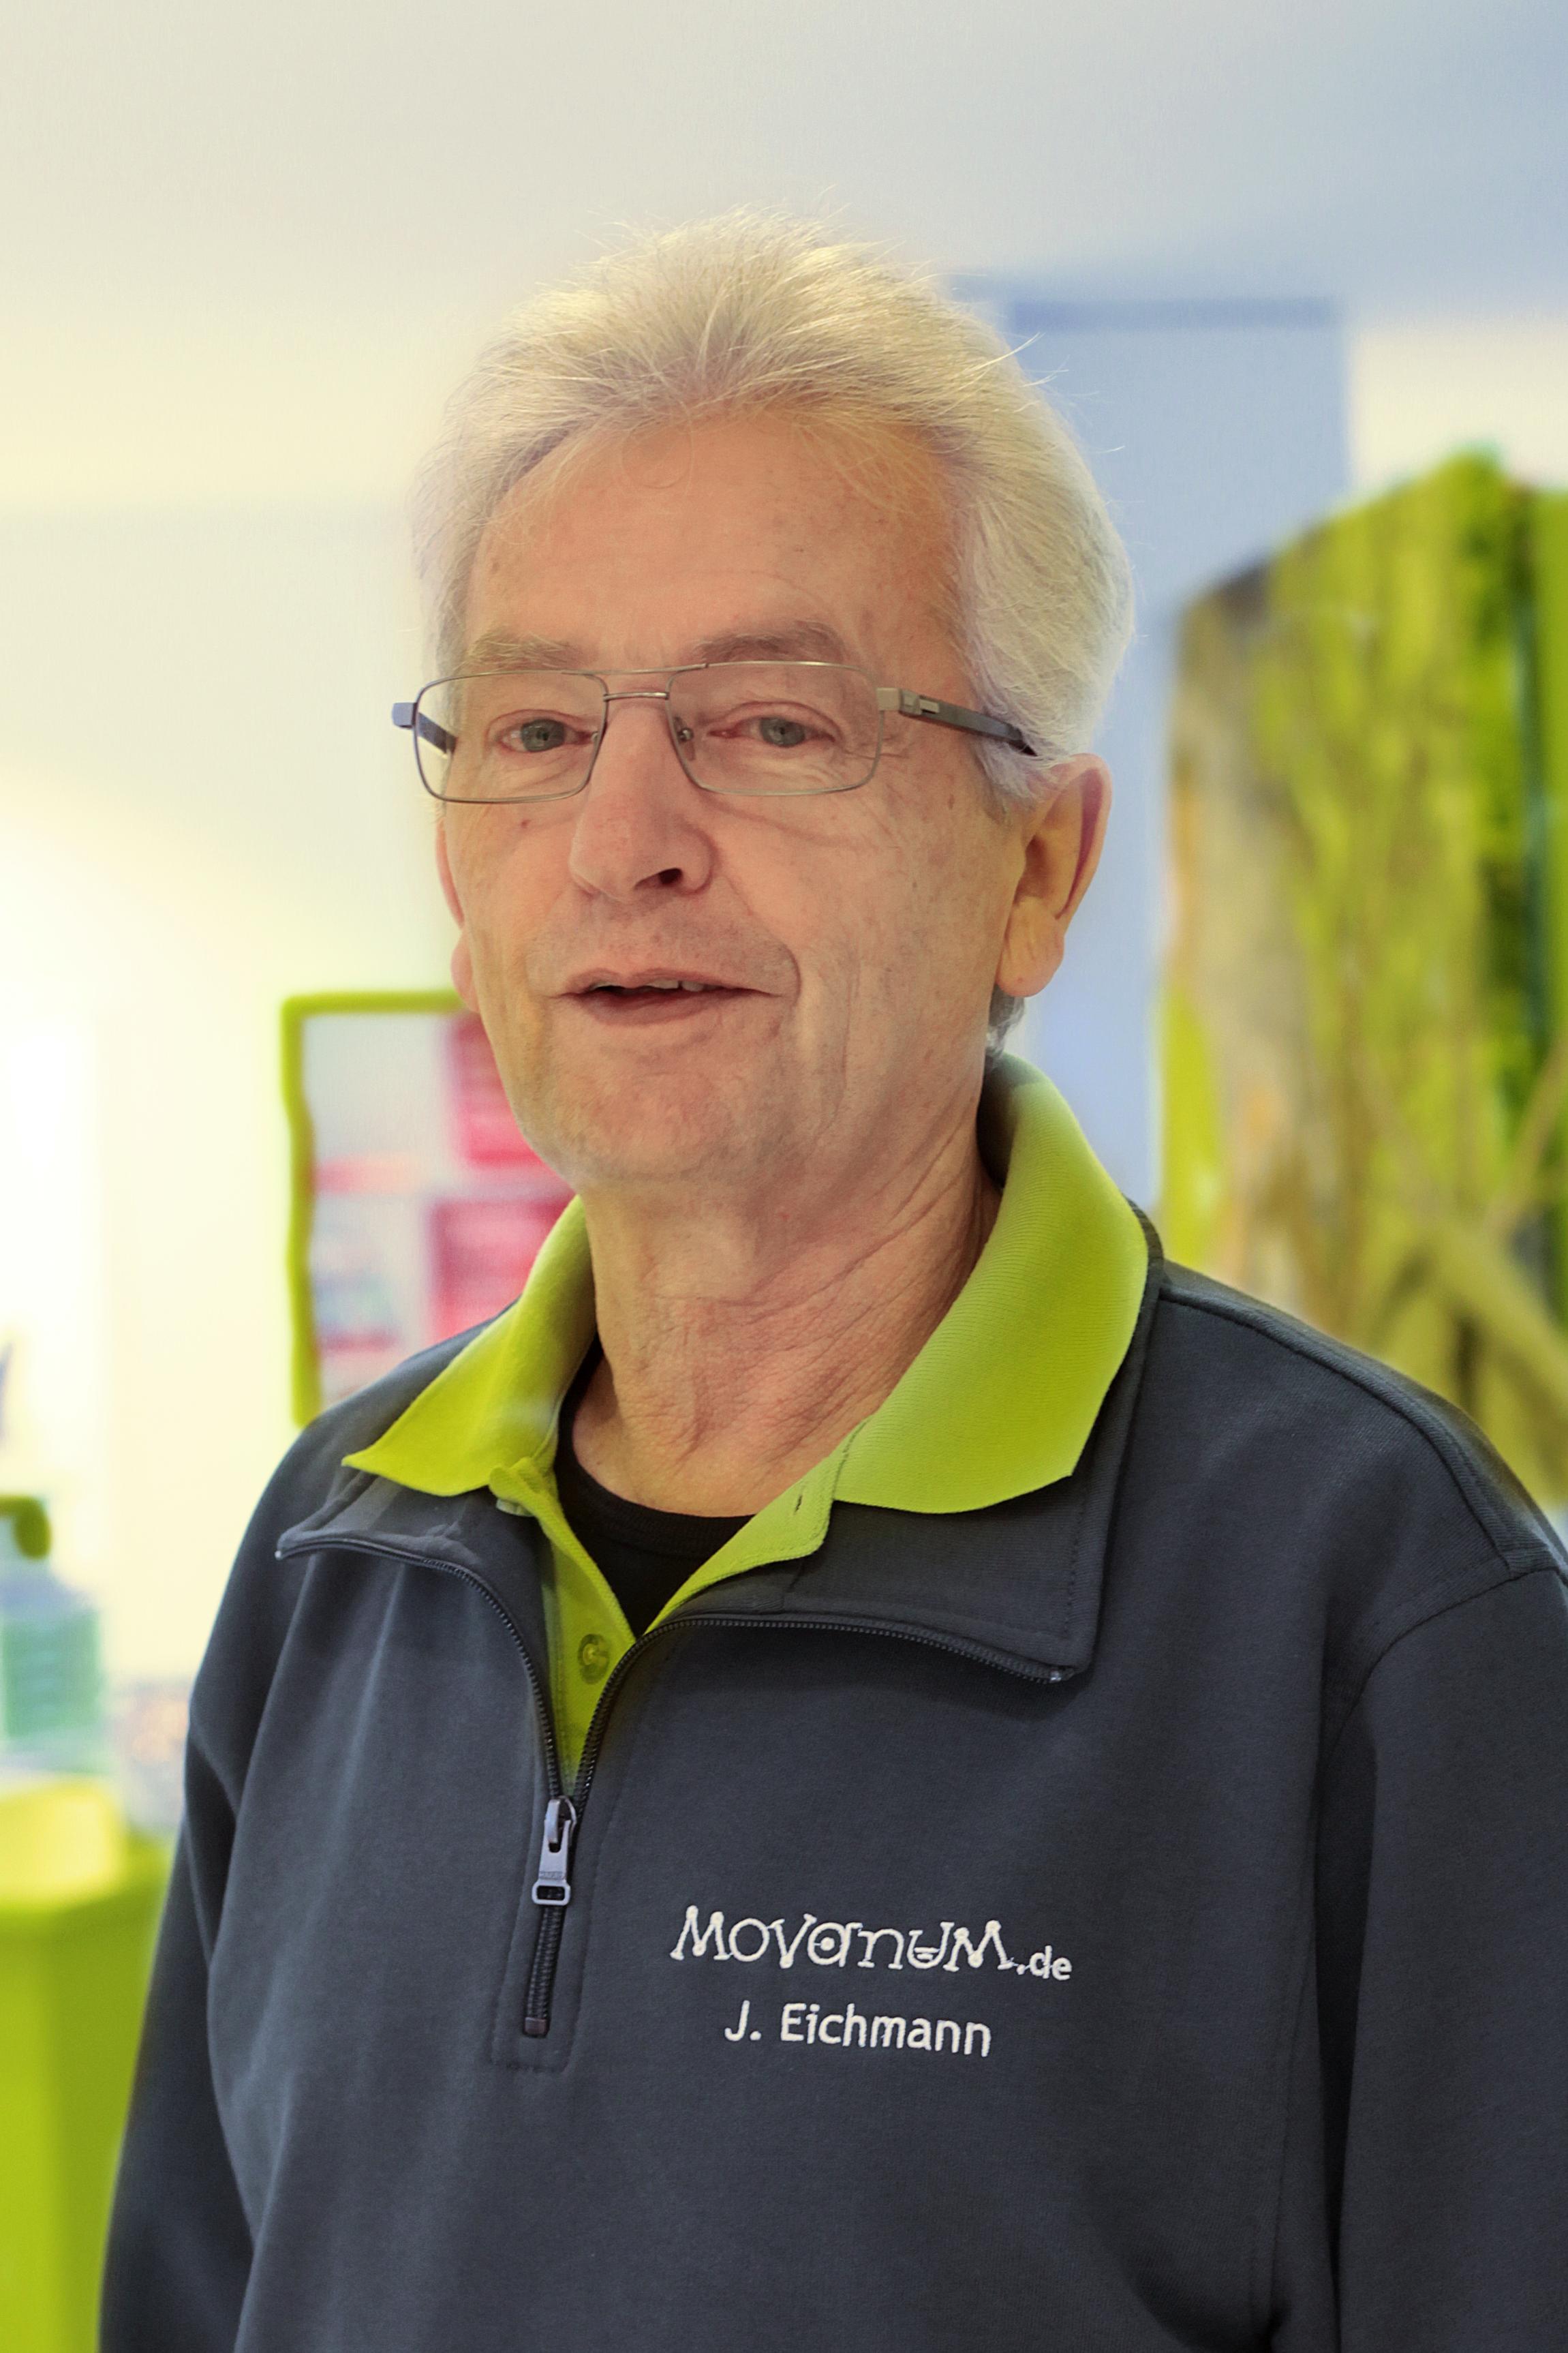 Movanum in Beckum – Jürgen Eichmann